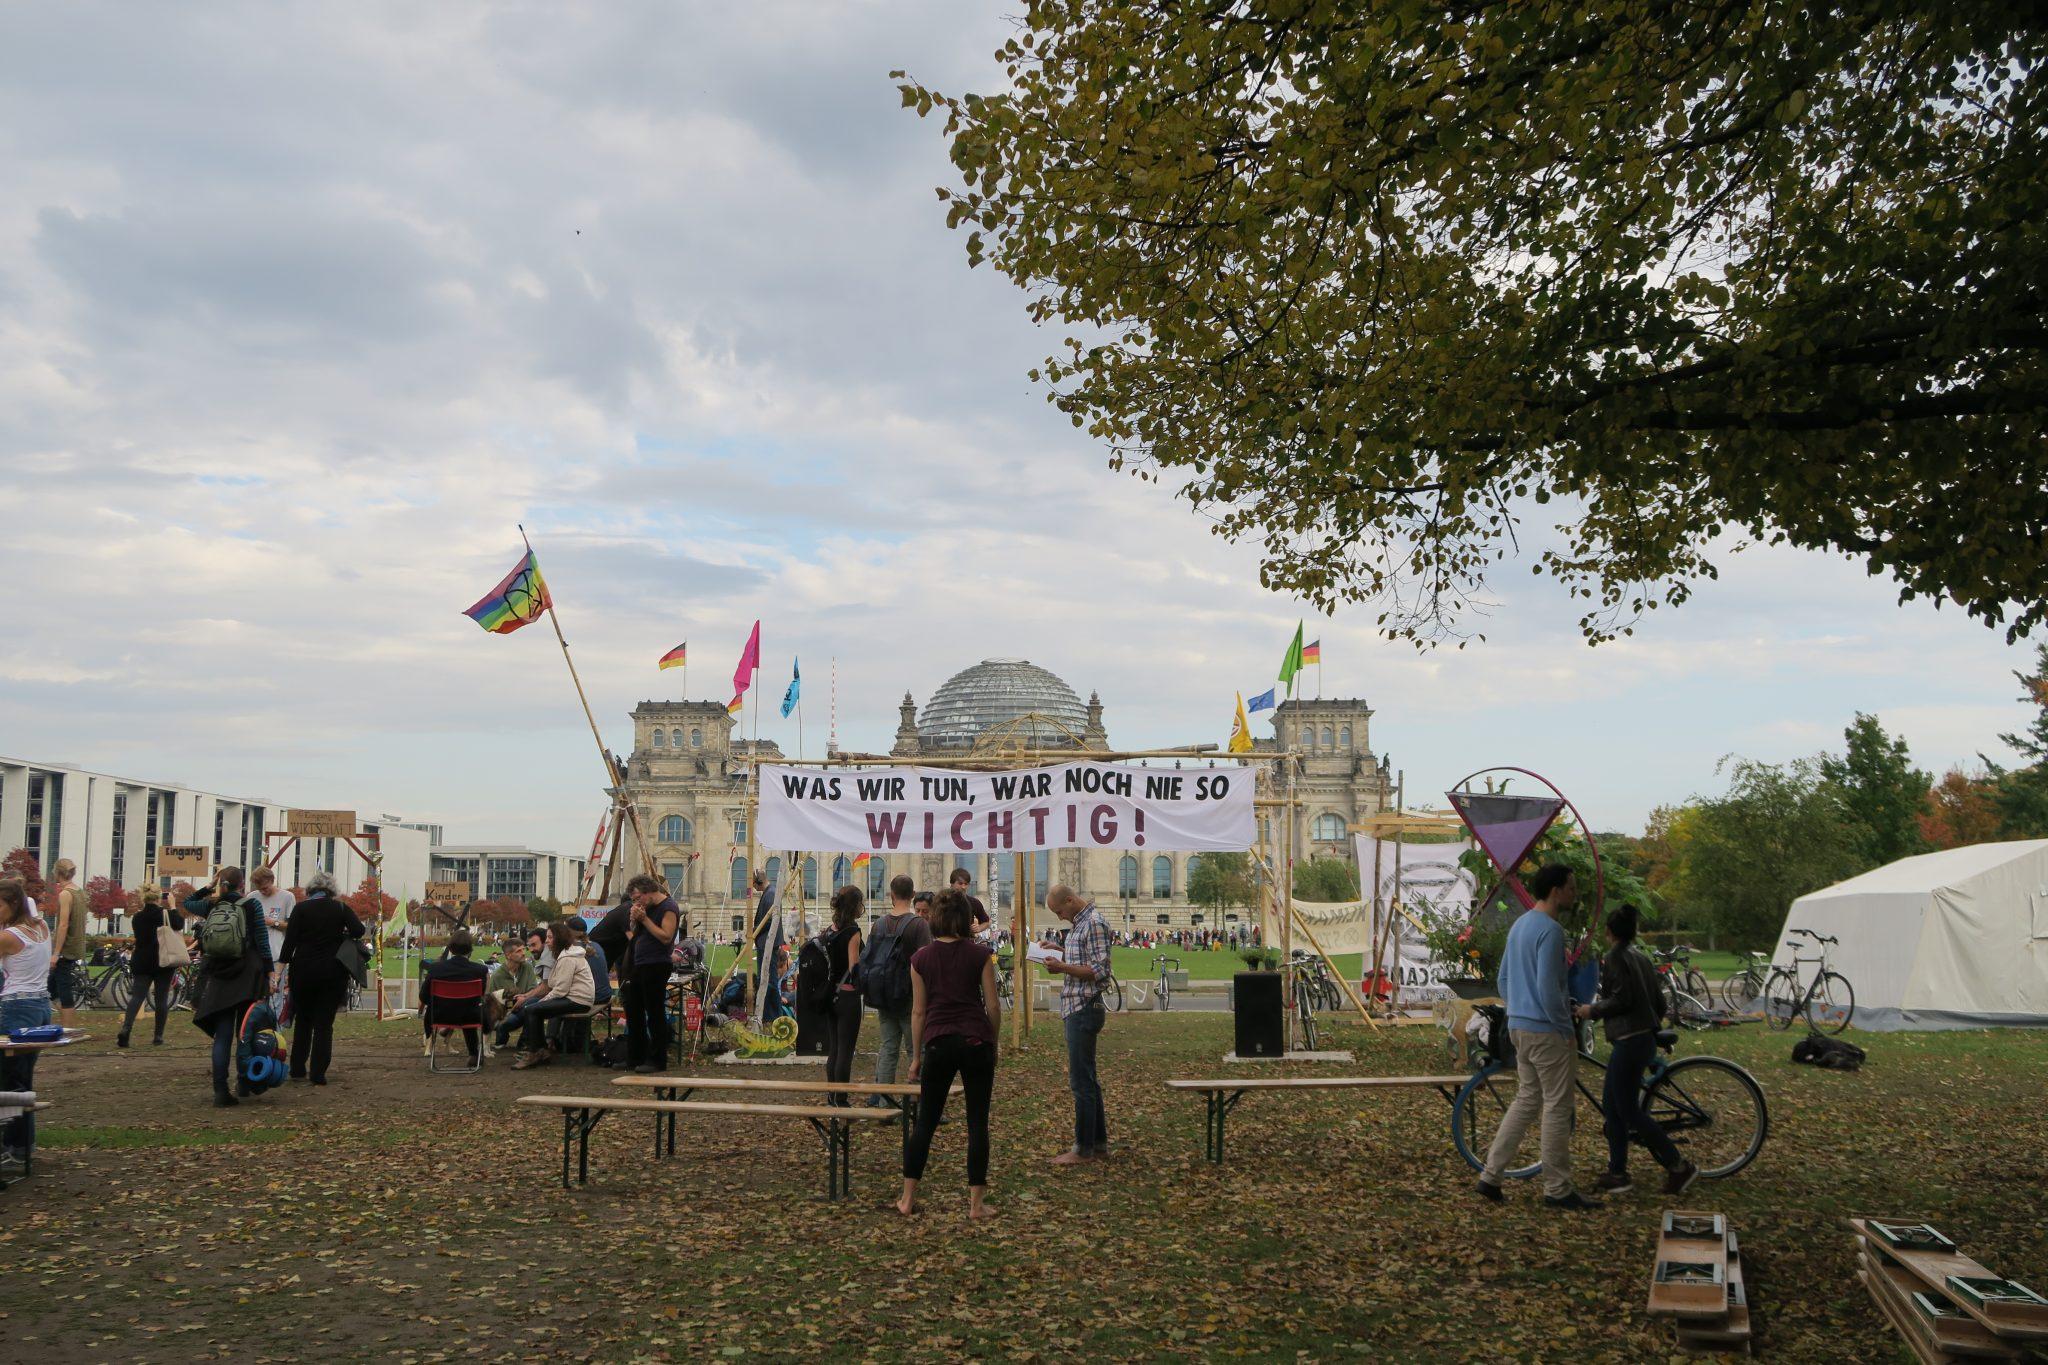 Blick aus dem Klimacamp von Extinction Rebellion auf den Reichstag in Berlin. Rund eine Woche haben Klimaaktivisten aus ganz Deutschland hier kampiert, debattiert und eine Bürger*innen-Versammlung simuliert. Foto: Cosima Kopp